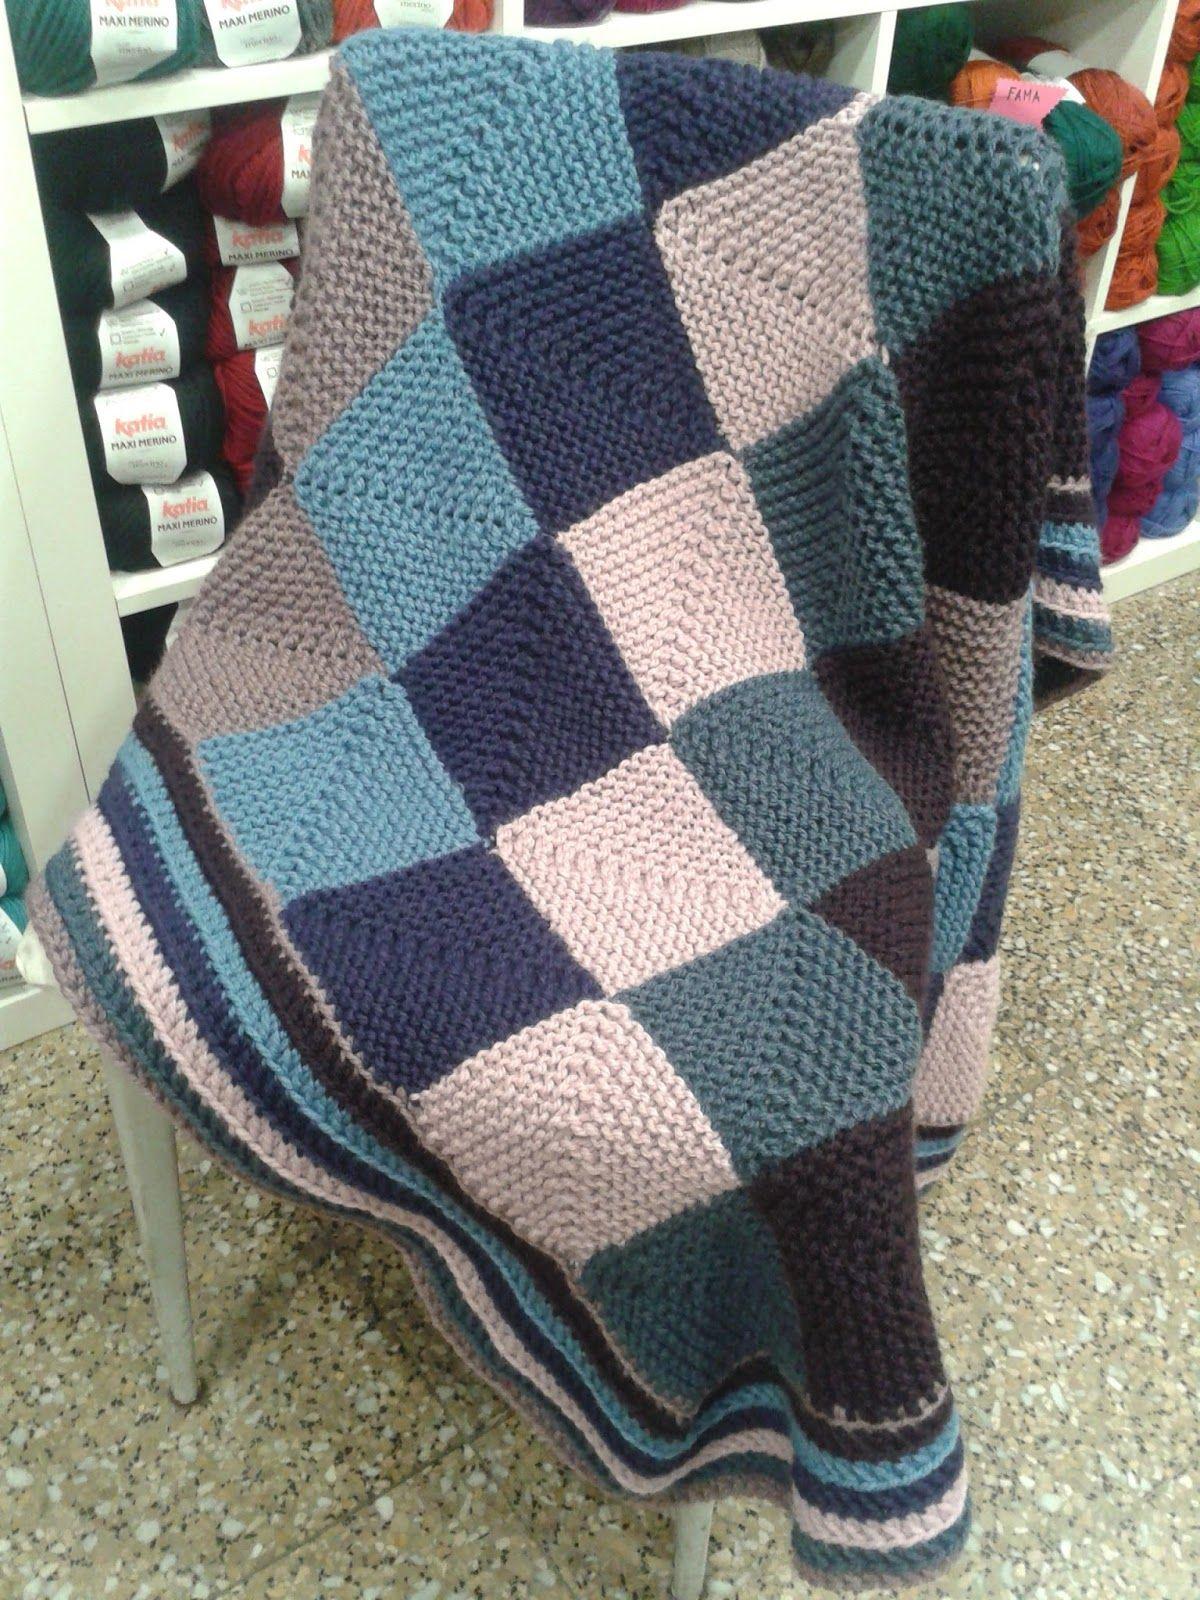 Crochet y demos | Mantas tejidas, Proyectos de tejer